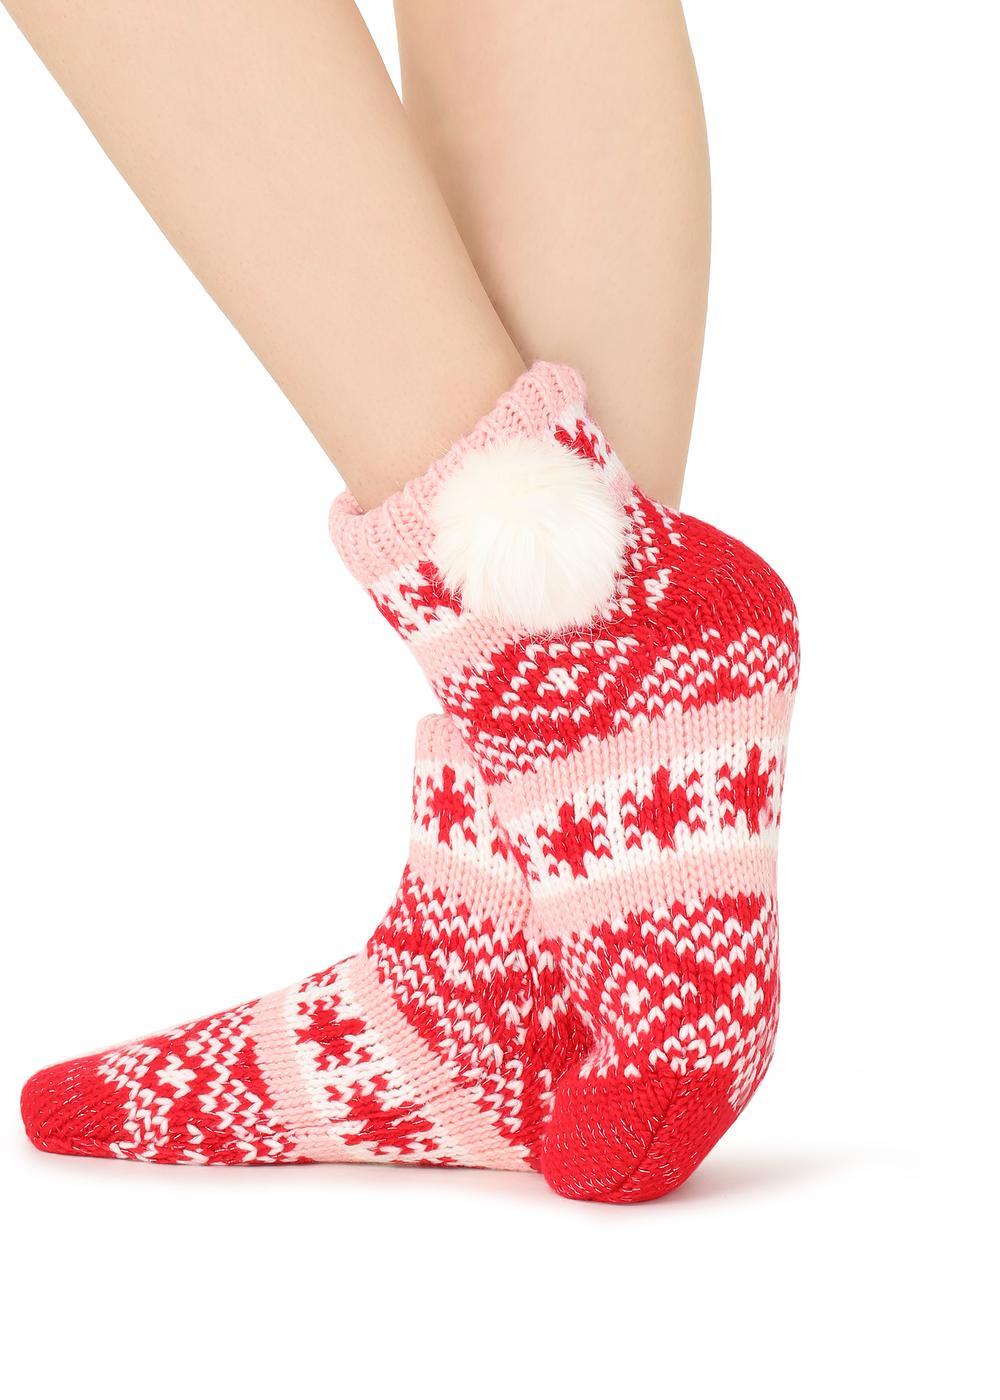 seleccione para oficial límpido a la vista grandes ofertas en moda Calcetines antideslizantes mujer holiday - Calzedonia